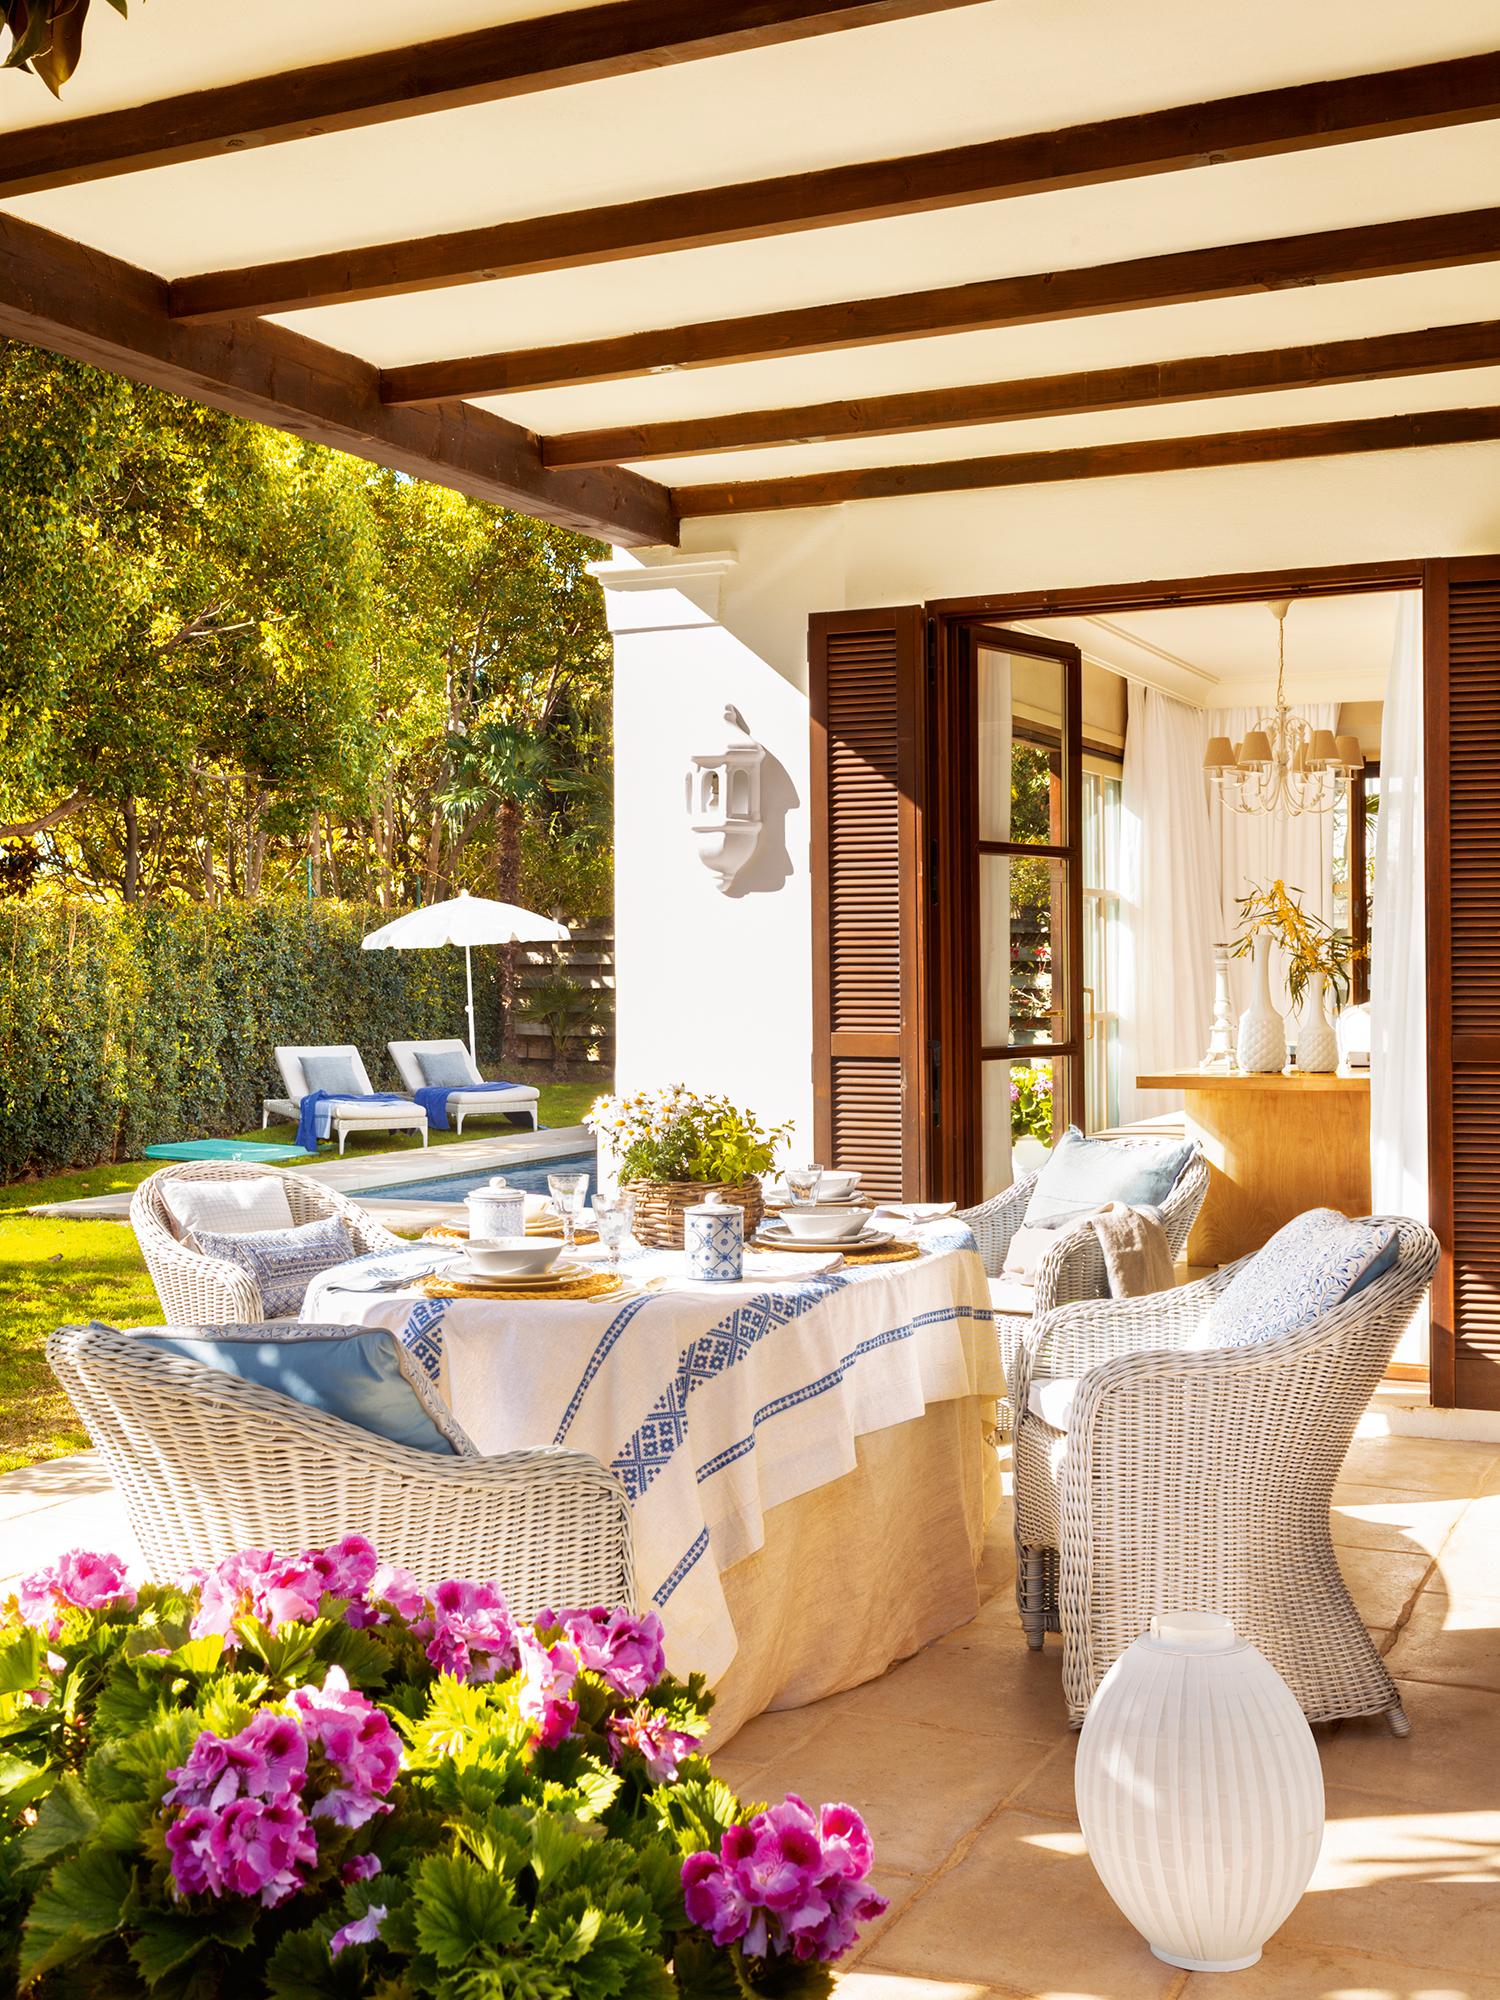 Muebles y complementos para disfrutar del exterior - Muebles ibicencos ...